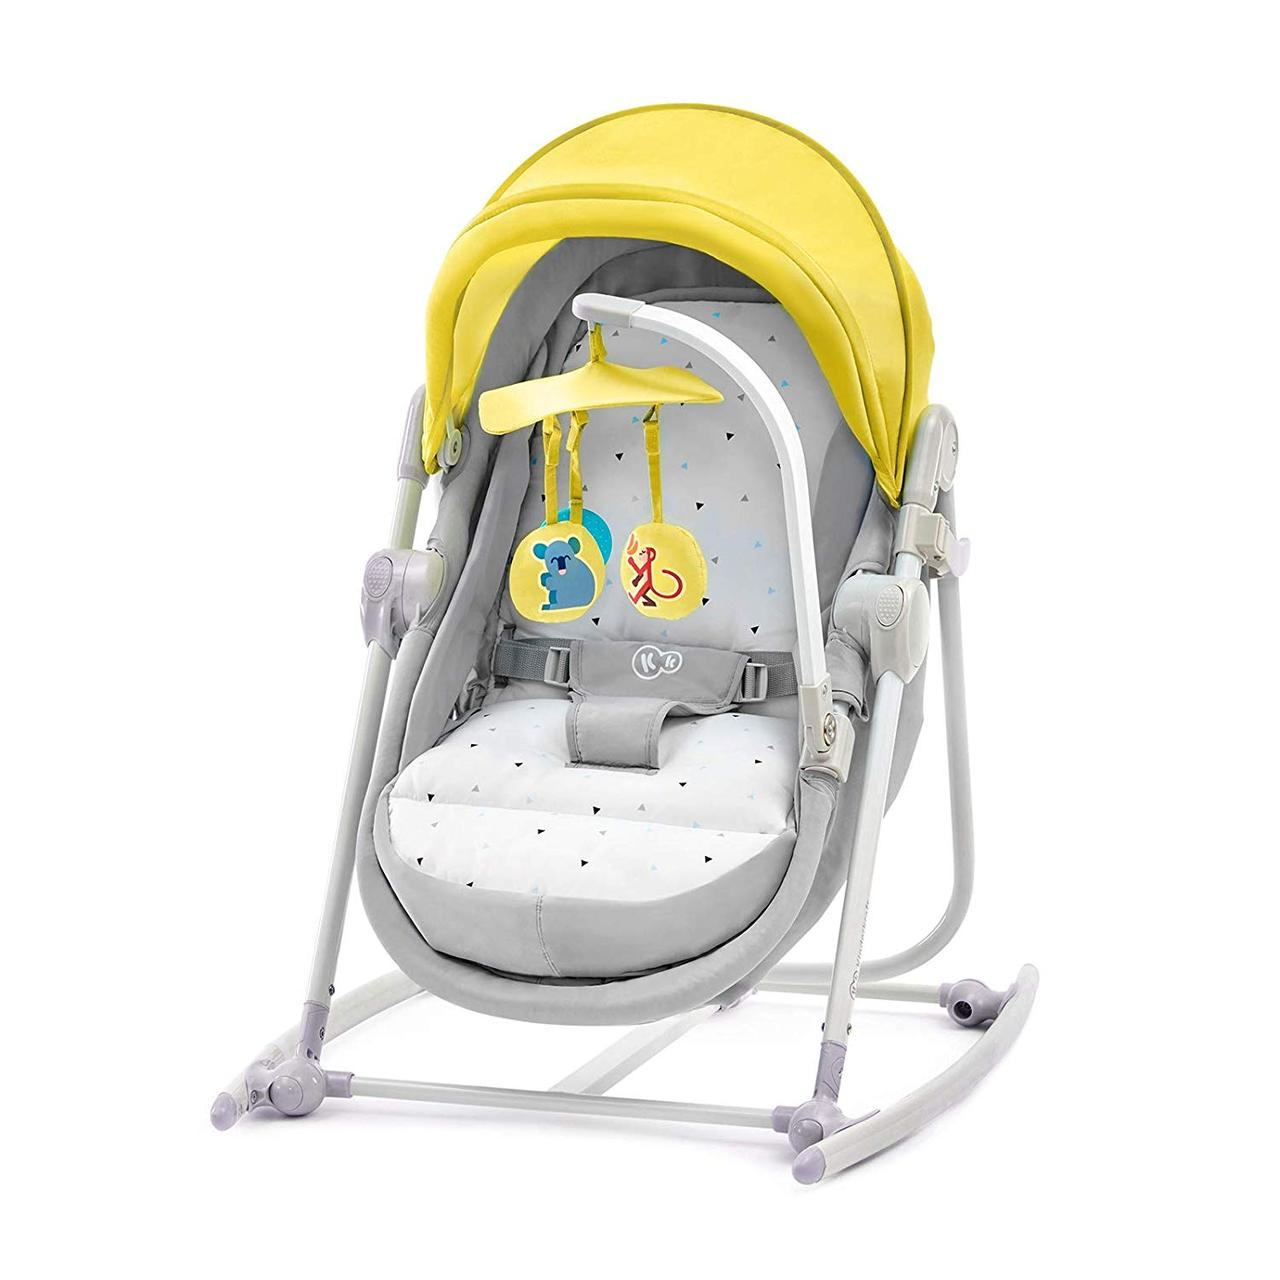 Шезлонг-качалка 5 в 1 Kinderkraft Unimo Yellow +ВИДЕО